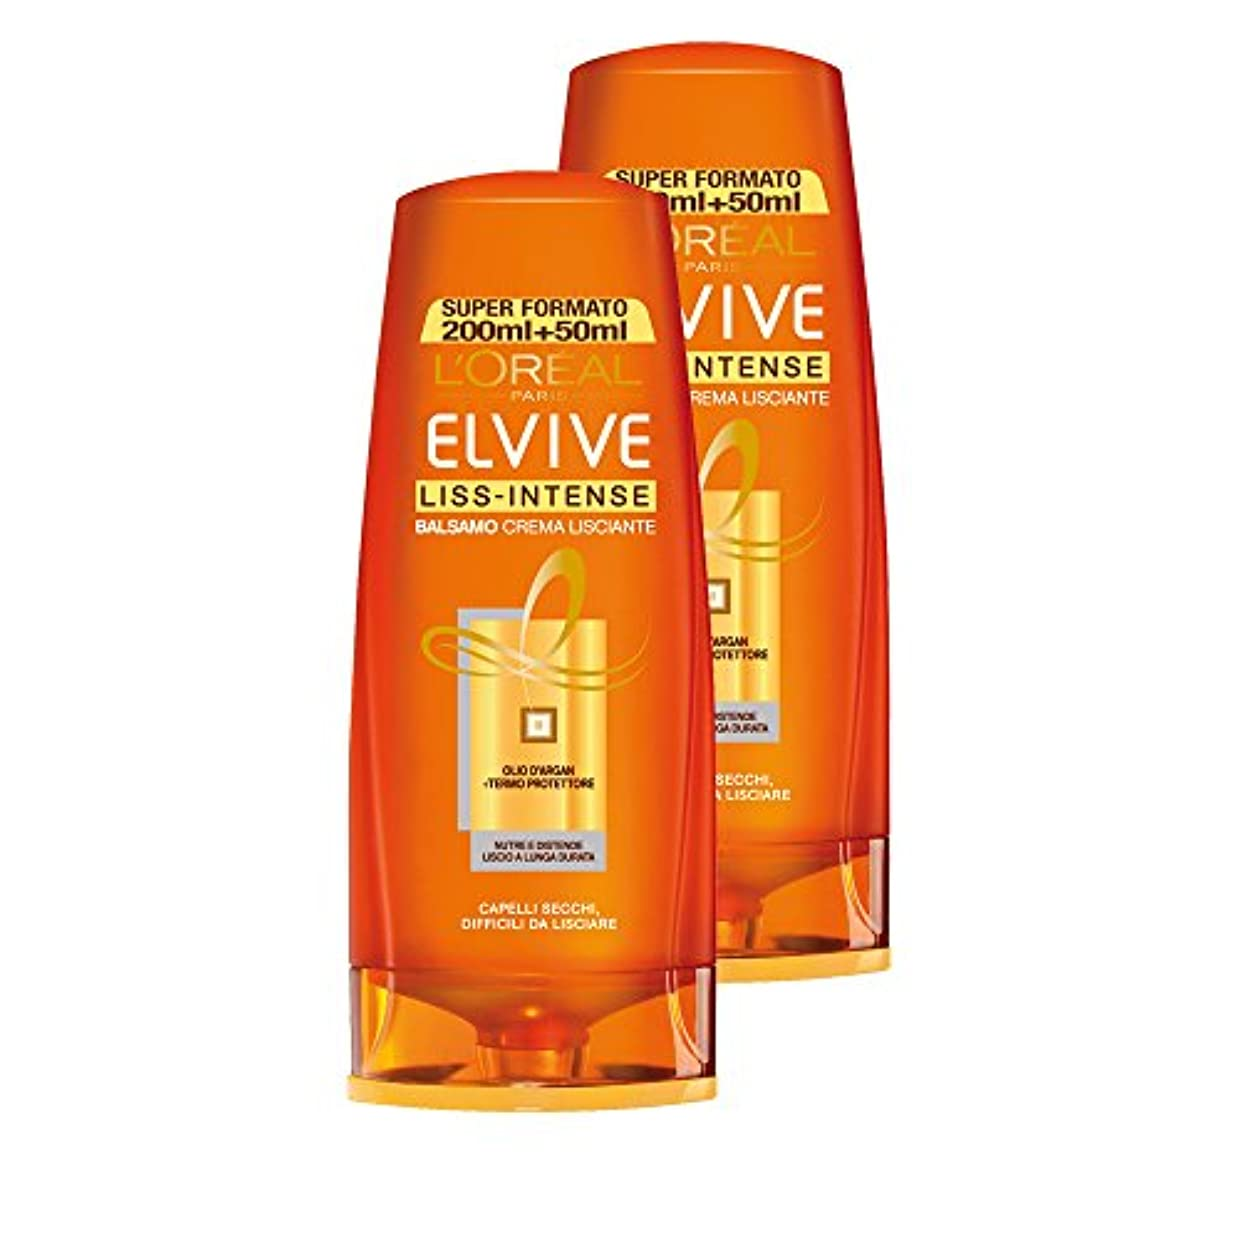 忠実にそこヒューズL 'OréalParis Elvive LISS-INTENSEバームクリームヘアサロン乾燥、なめらかにするのが難しい、3パック2 x 250 ml、合計:1500 ml